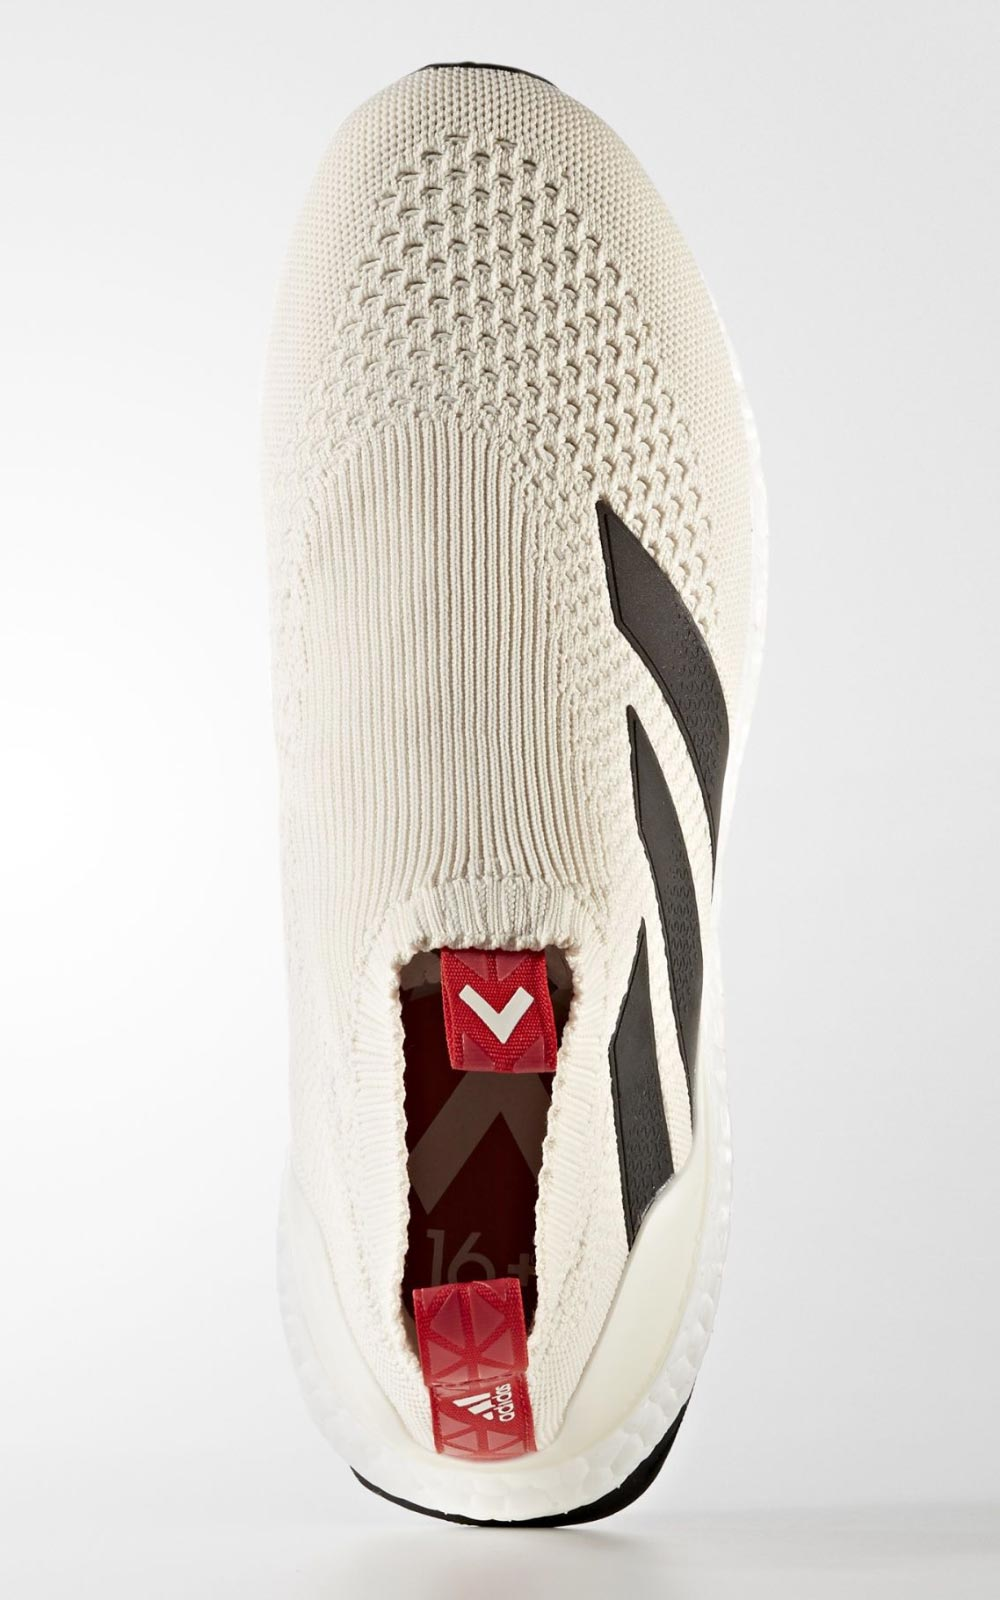 DS Adidas Ace 16 purecontrol Ultra Boost Тройной черный размер